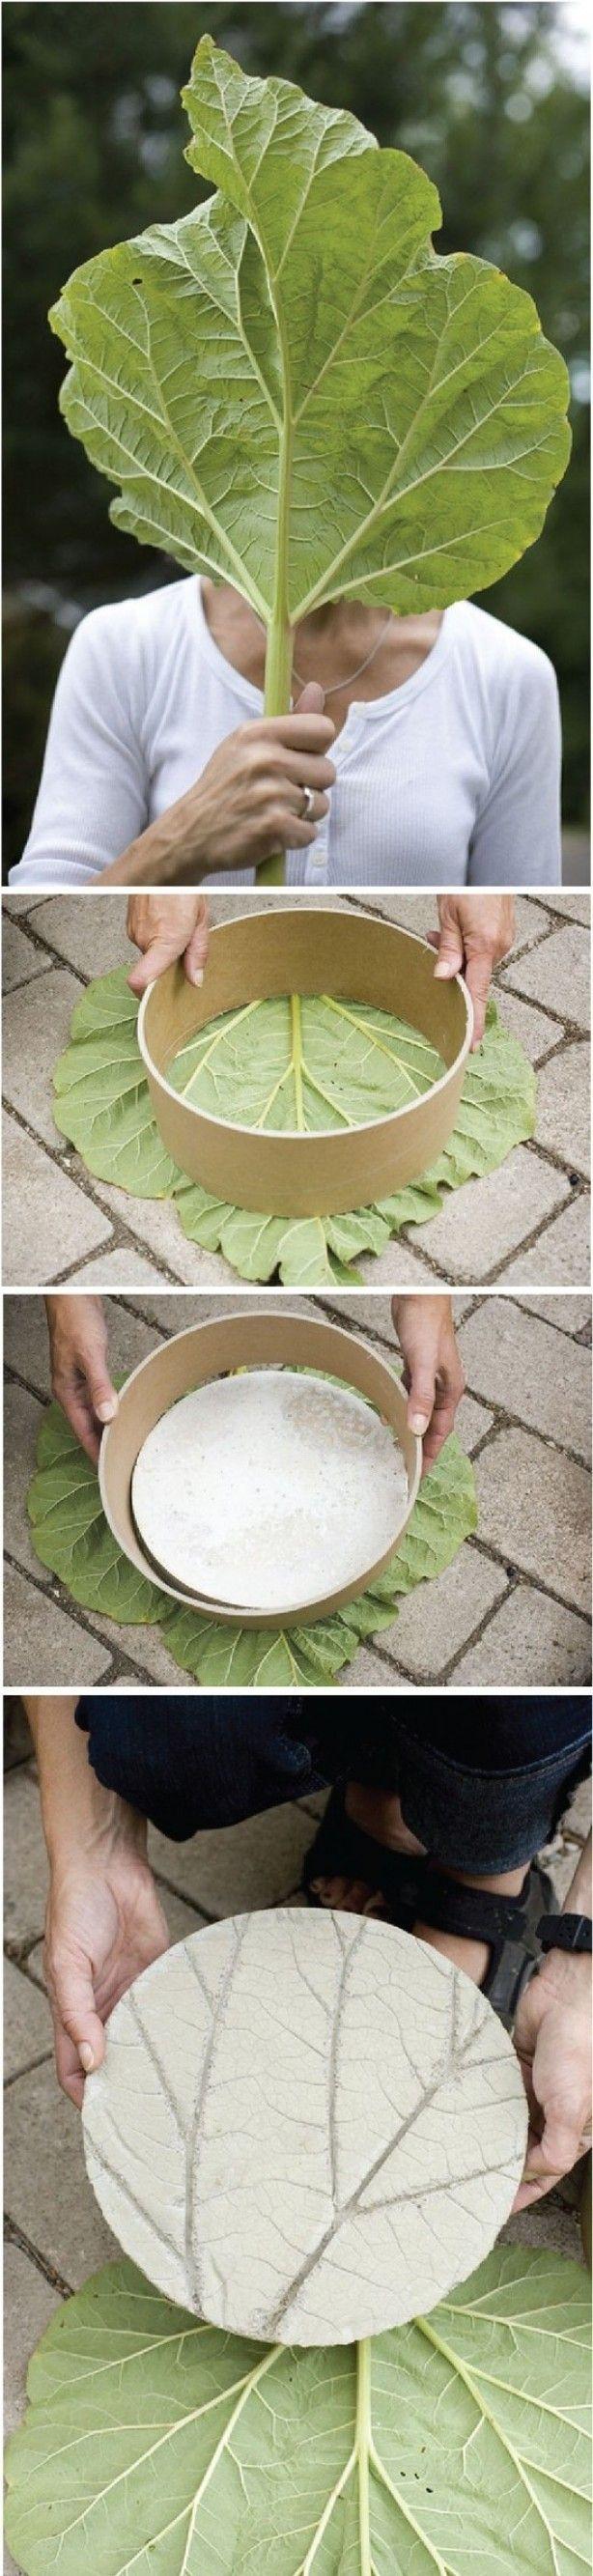 Leuk idee om ronde stap-stenen te maken.